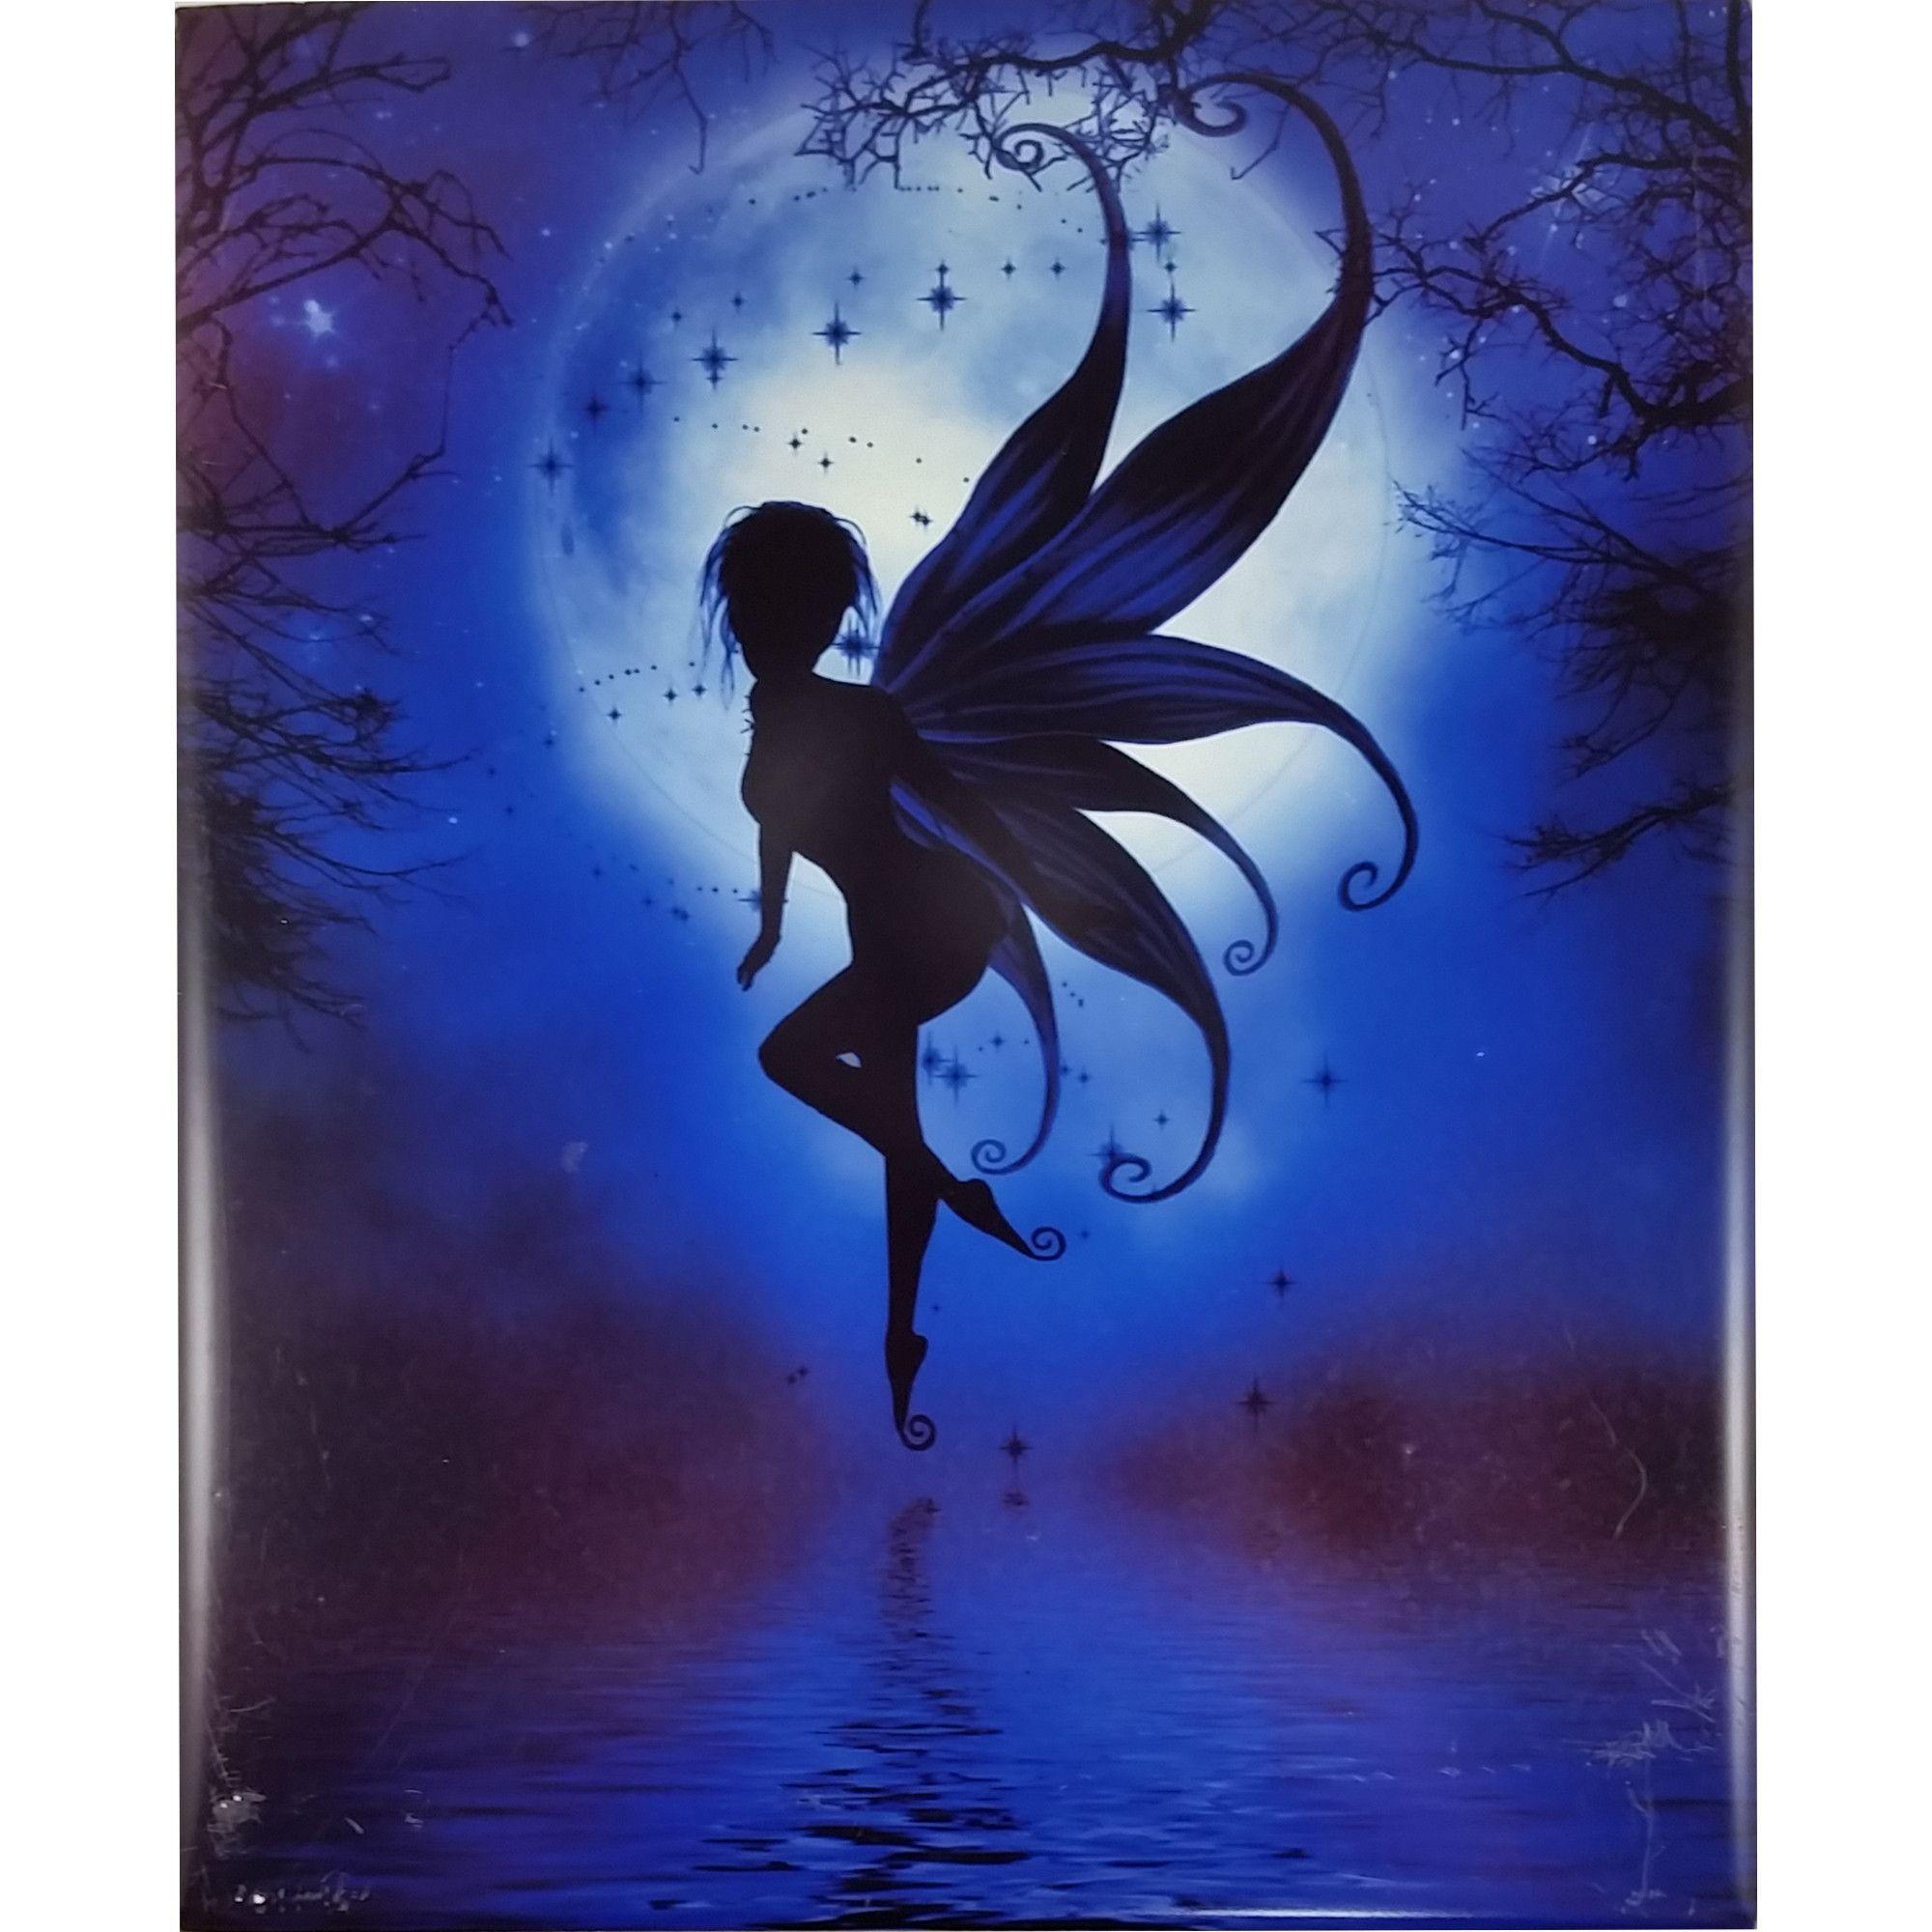 Indigo Fairy Art Tile Julie Fain 10x8 In Fairies Fantasy M263 Mystical